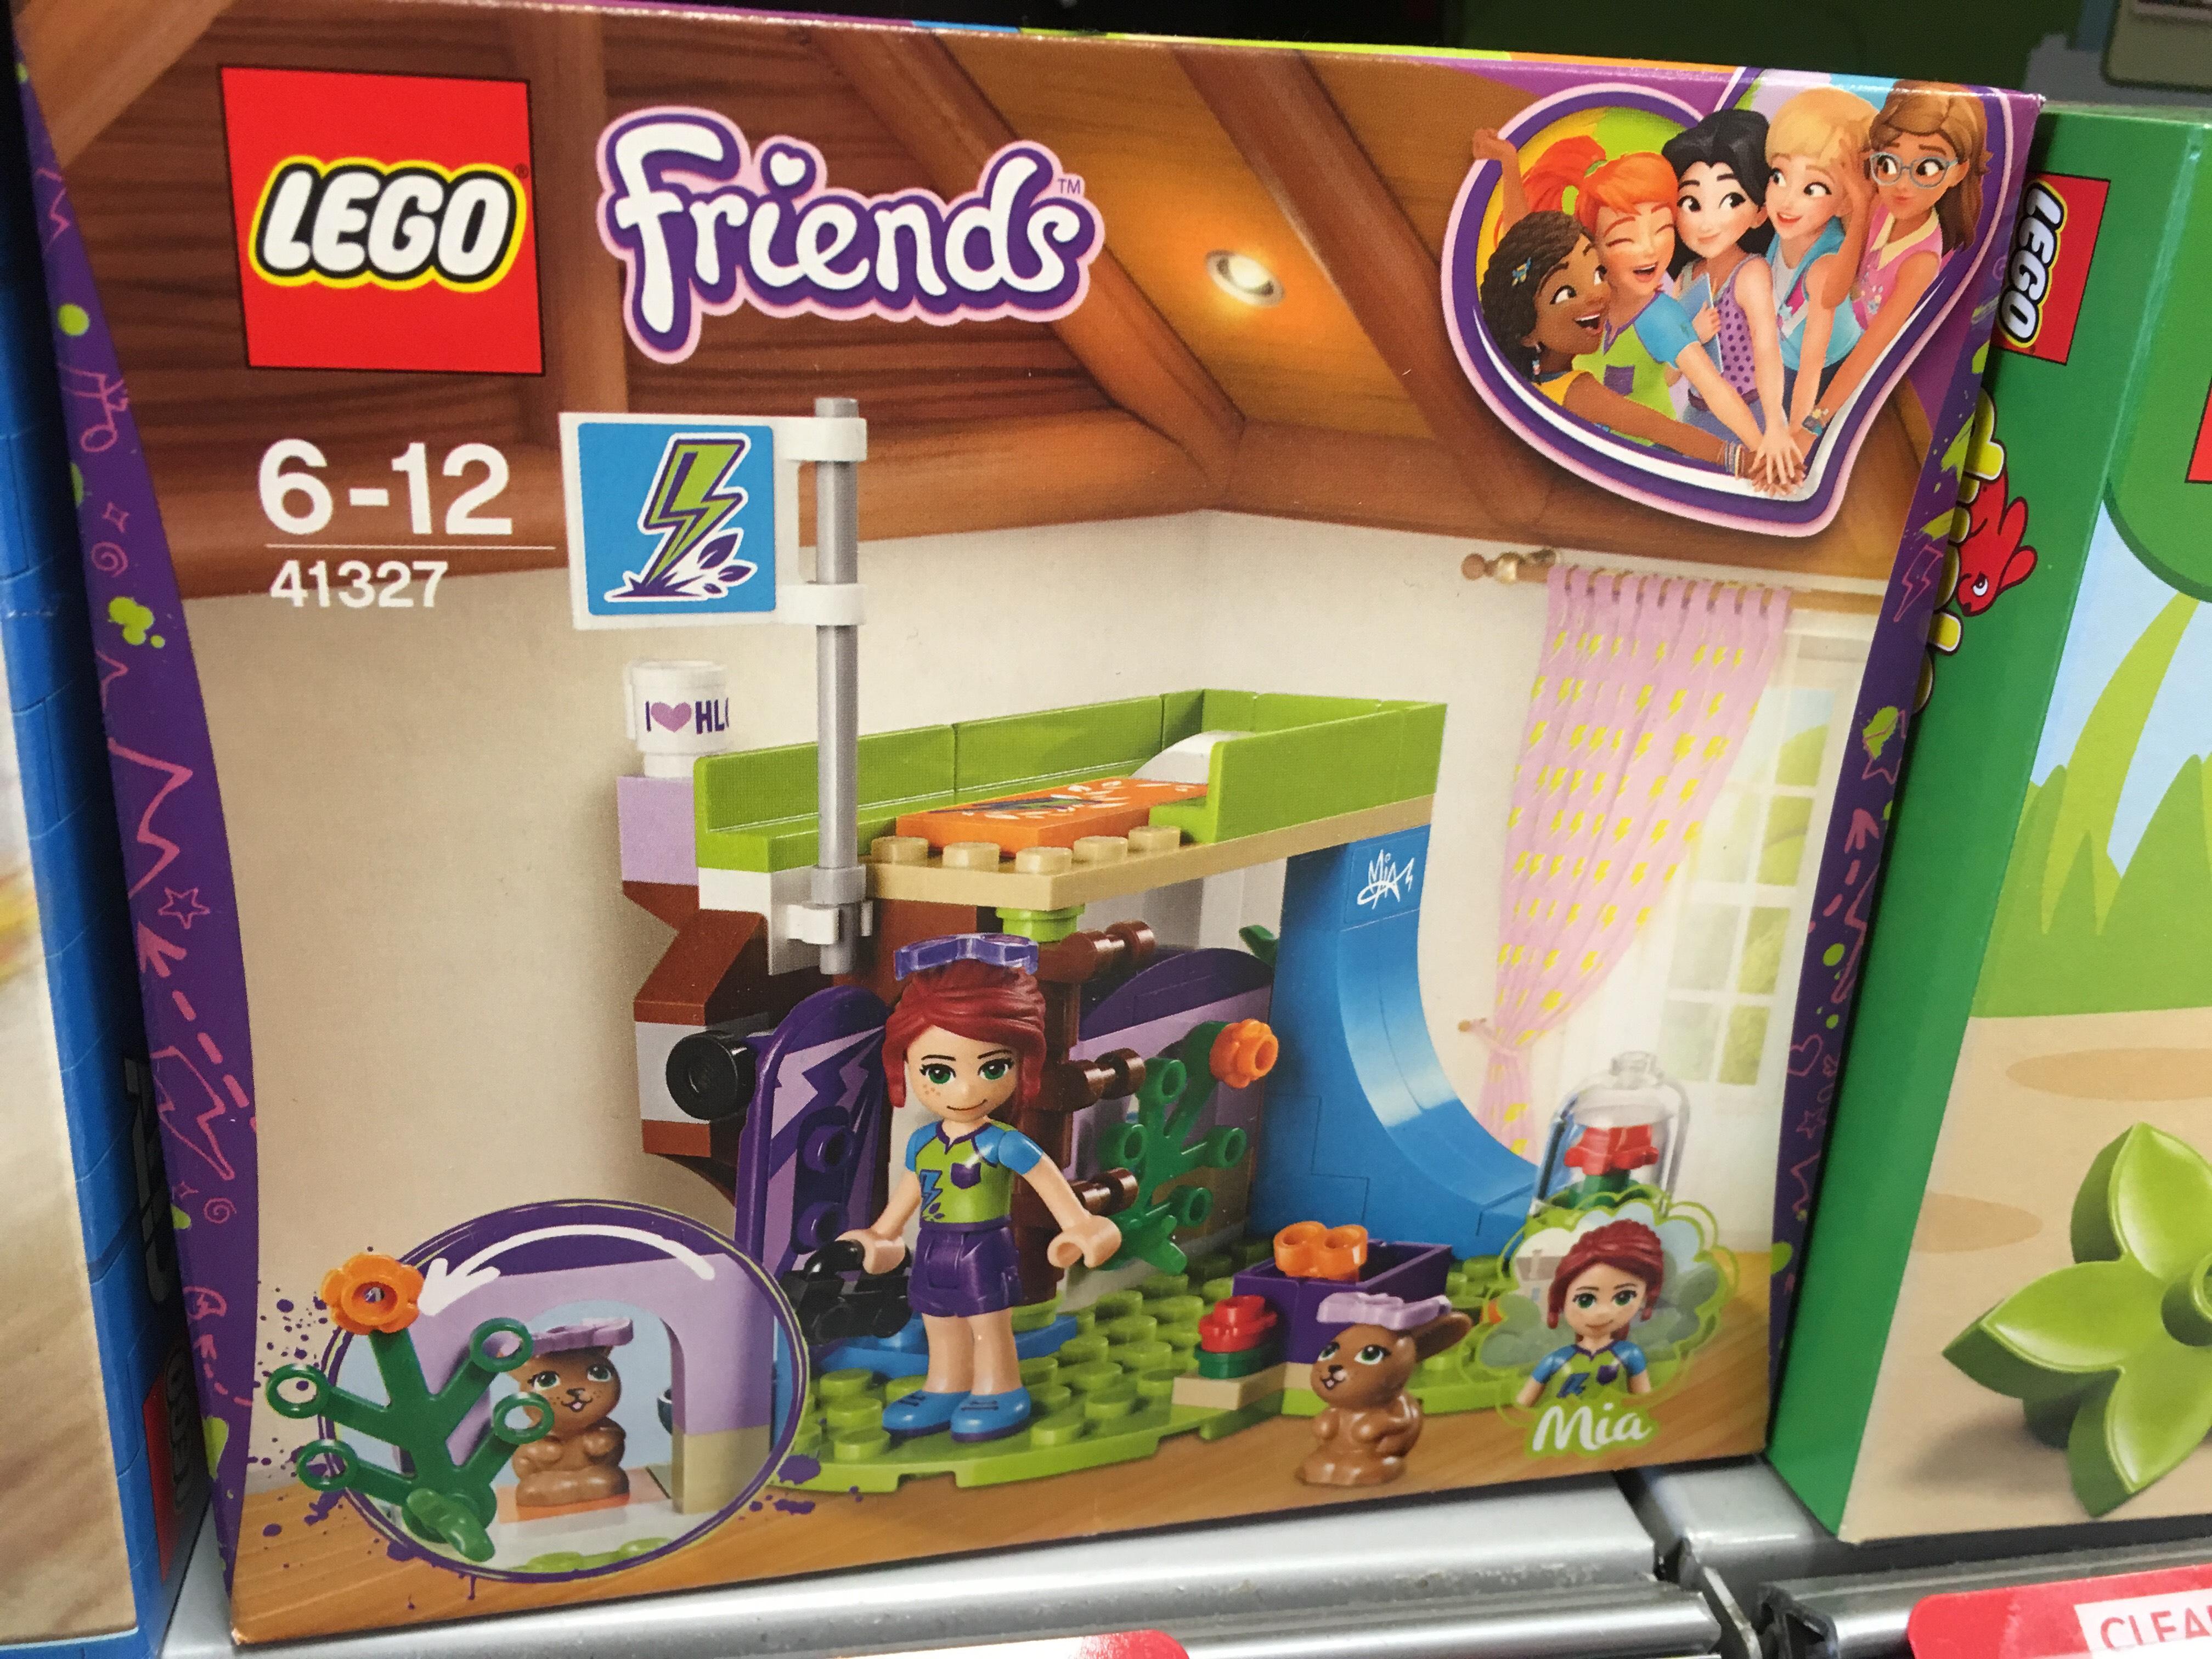 Lego Friends 41327 Mia Bedroom set - £6.30 INSTORE @ COOP in NORTON